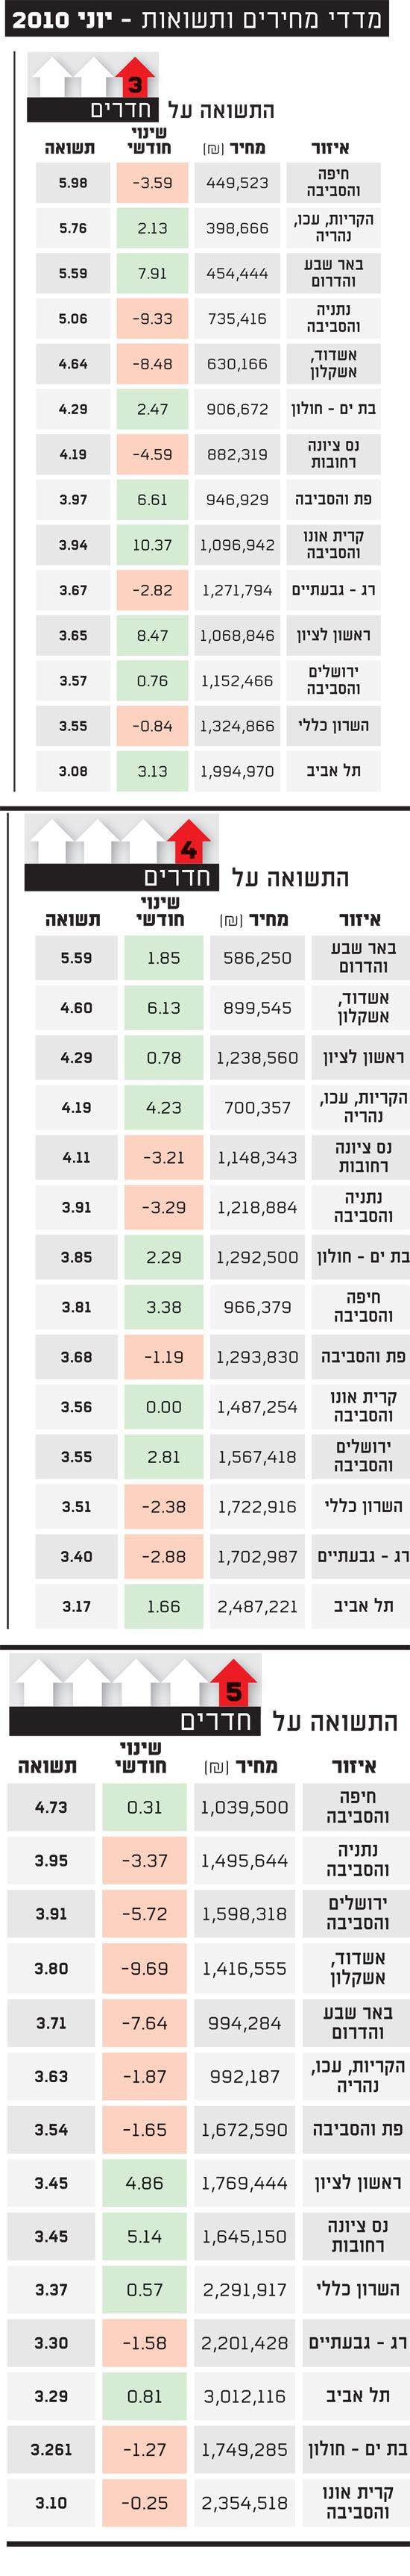 מדדי מחירים ותשואות יוני 2010